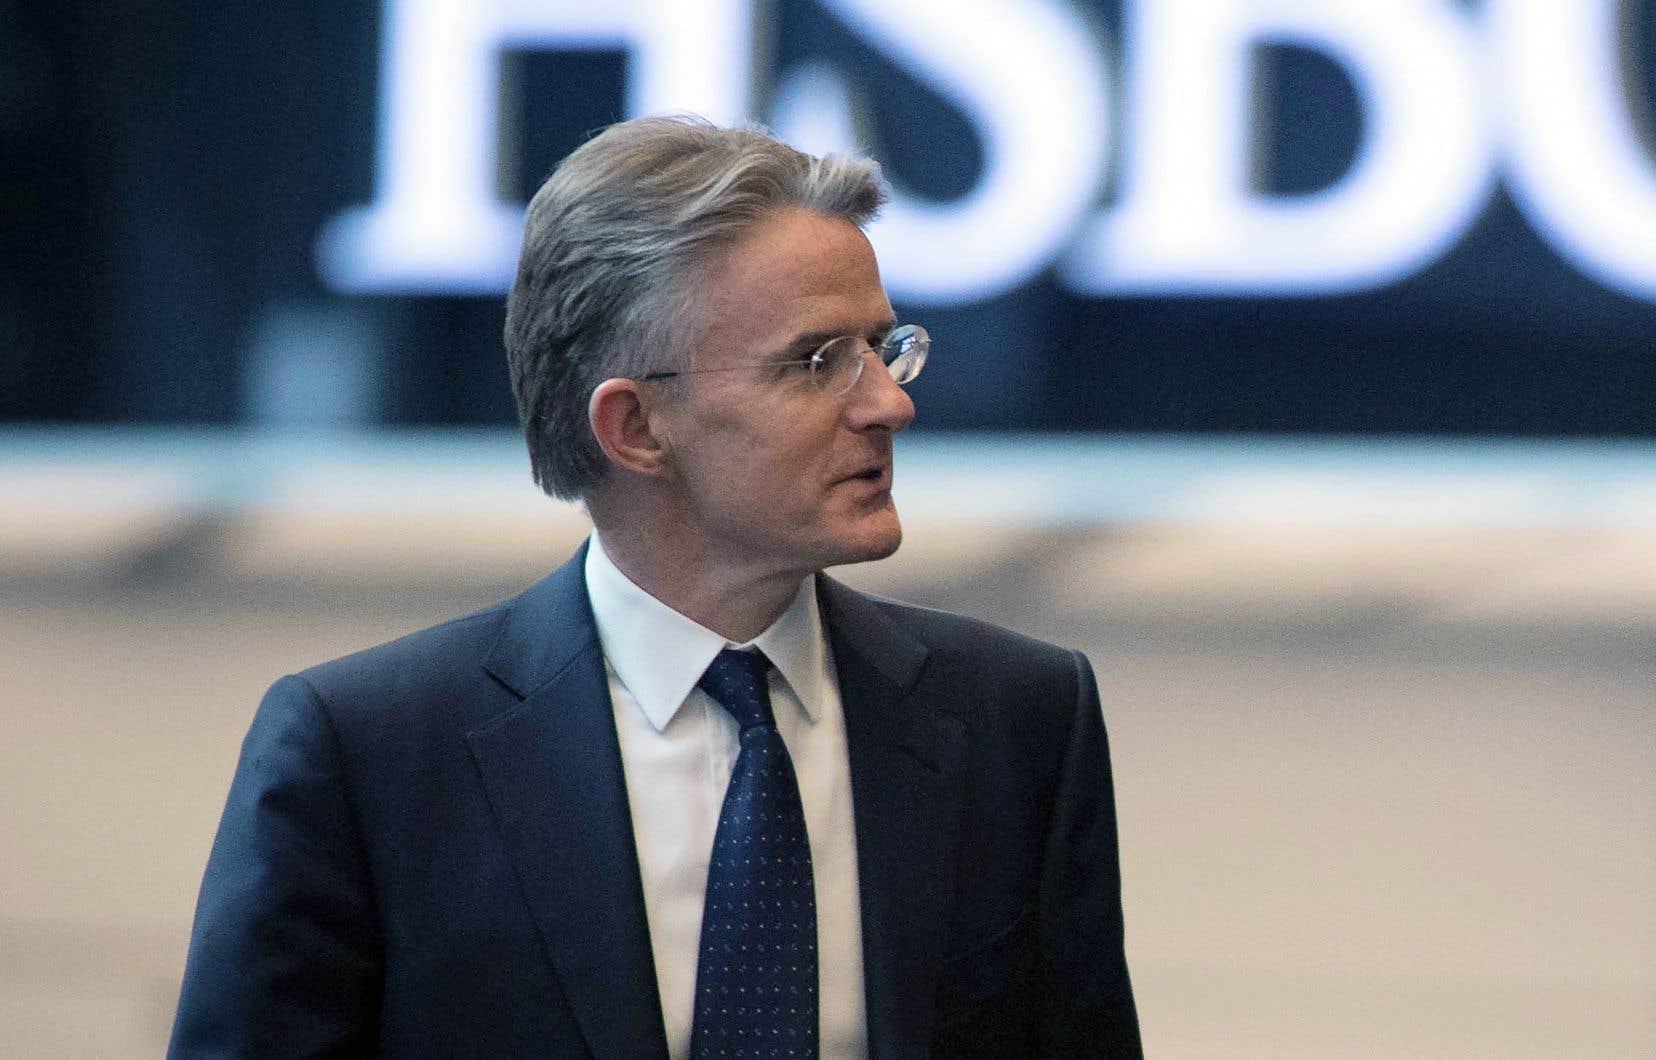 Le directeur général de HSBC, John Flint